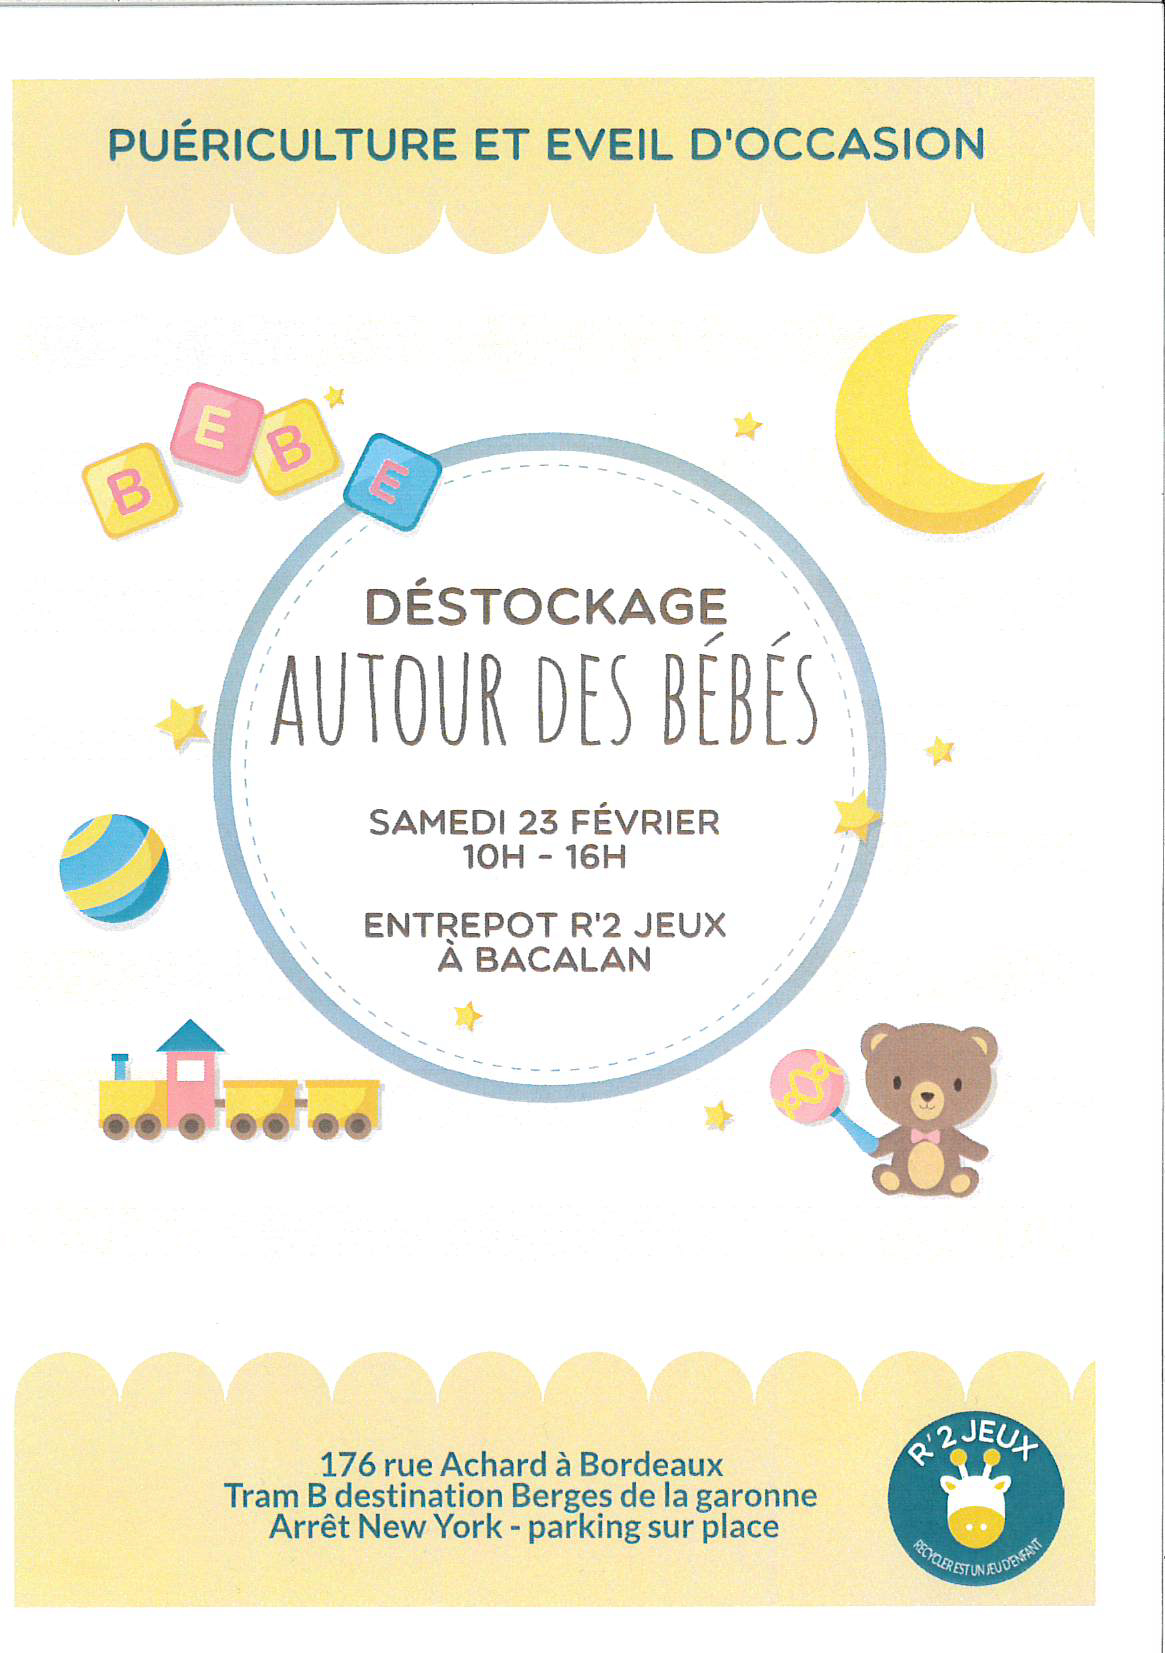 53a3d036abe74 Déstockage Autour des bébés - Journal de quartier Bacalan